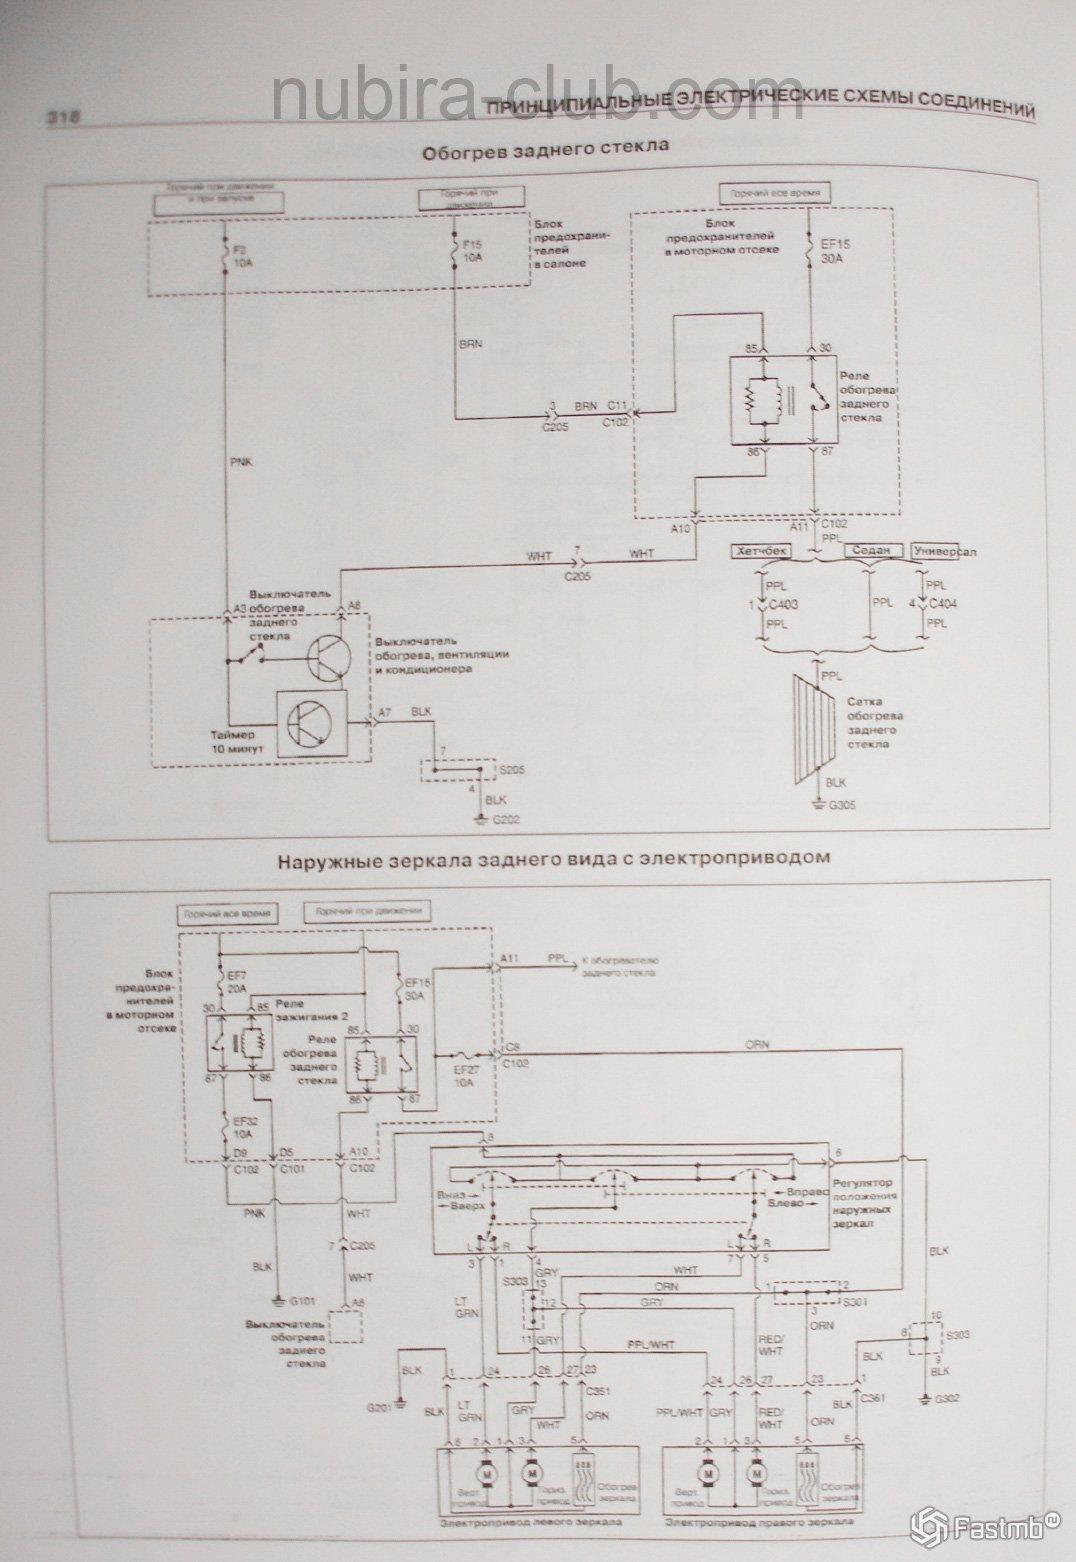 электрическая схема daewoo matiz 2 2002 0,8